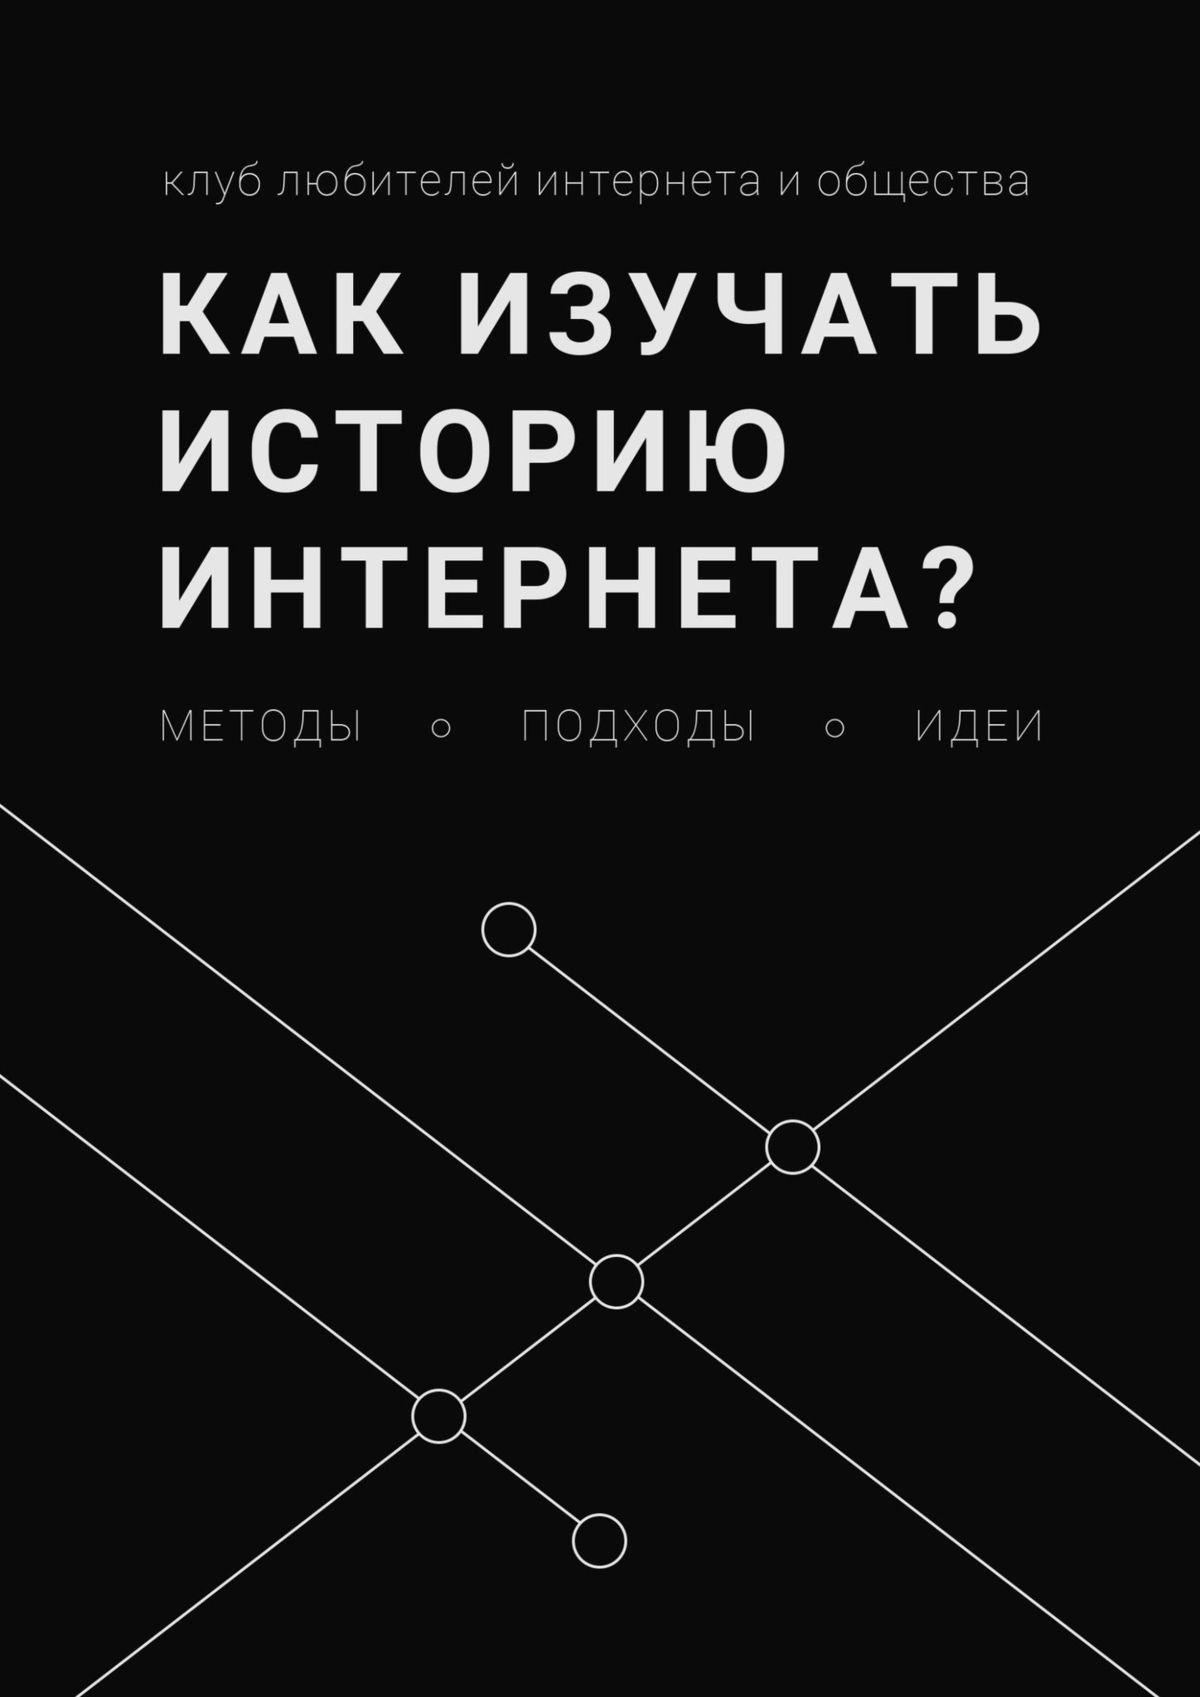 Купить книгу Как изучать историю интернета? Методы, подходы,идеи, автора Леонида Юлдашева